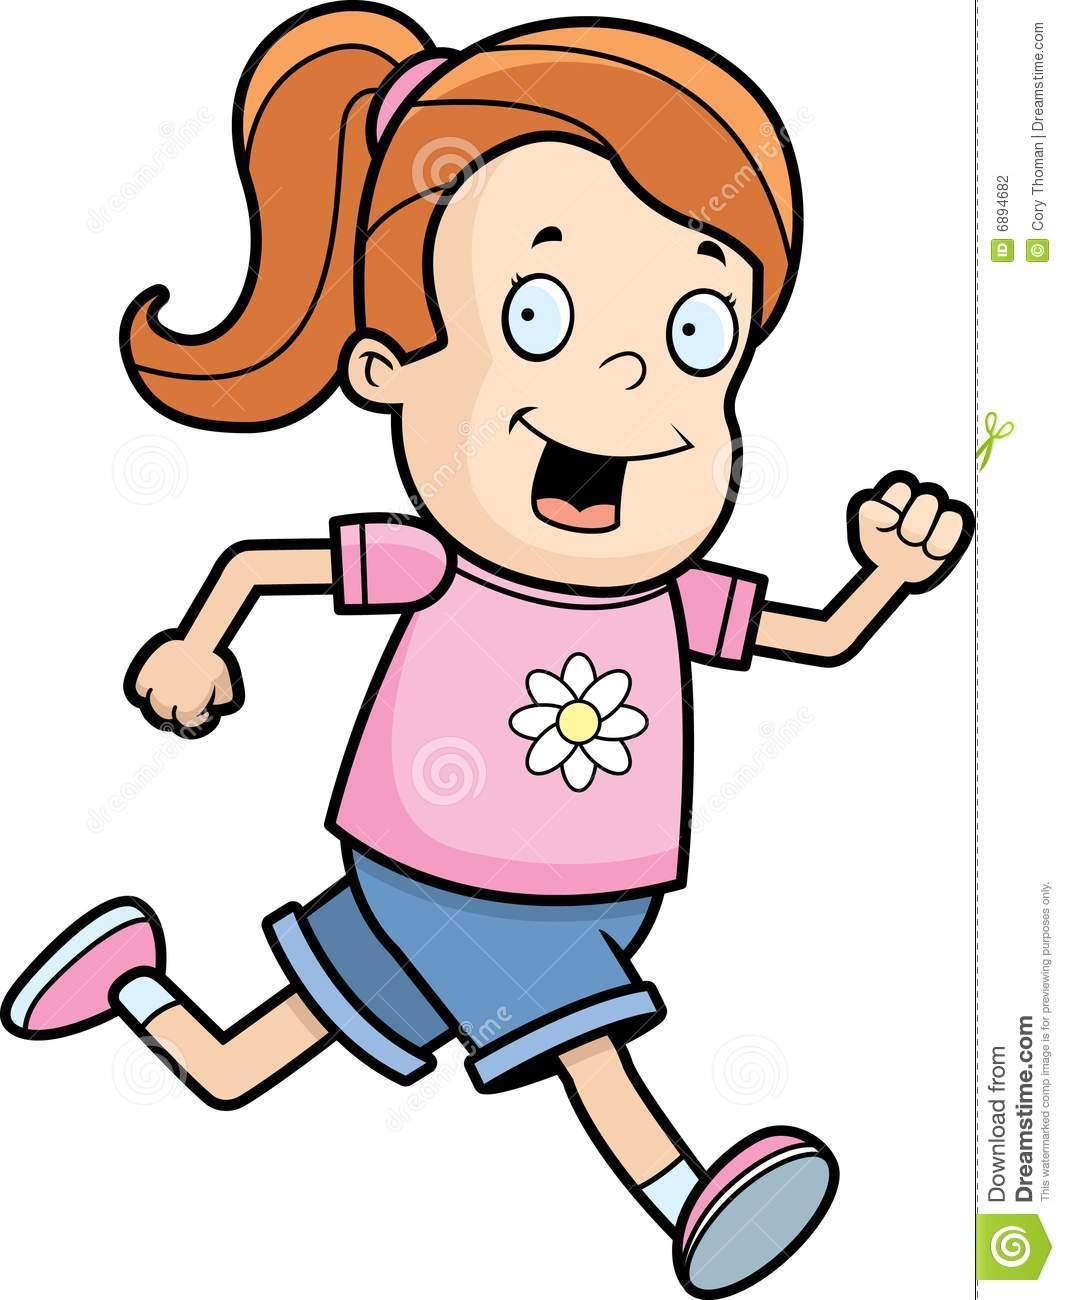 1065x1300 Running Cartoon Clipart 2080544